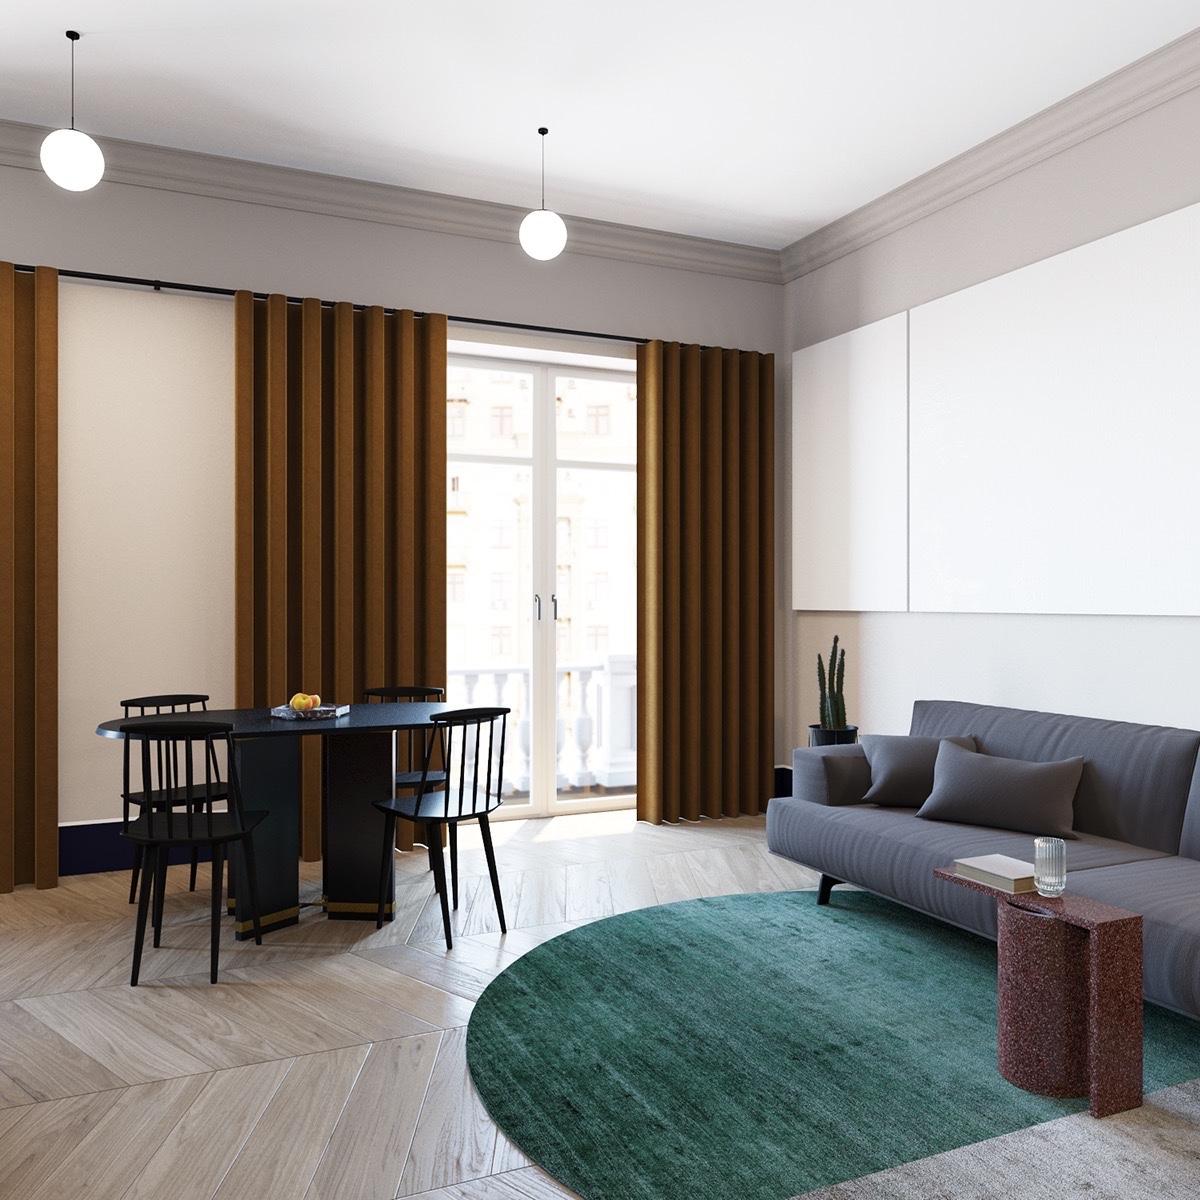 600 square feet apartment design ideas